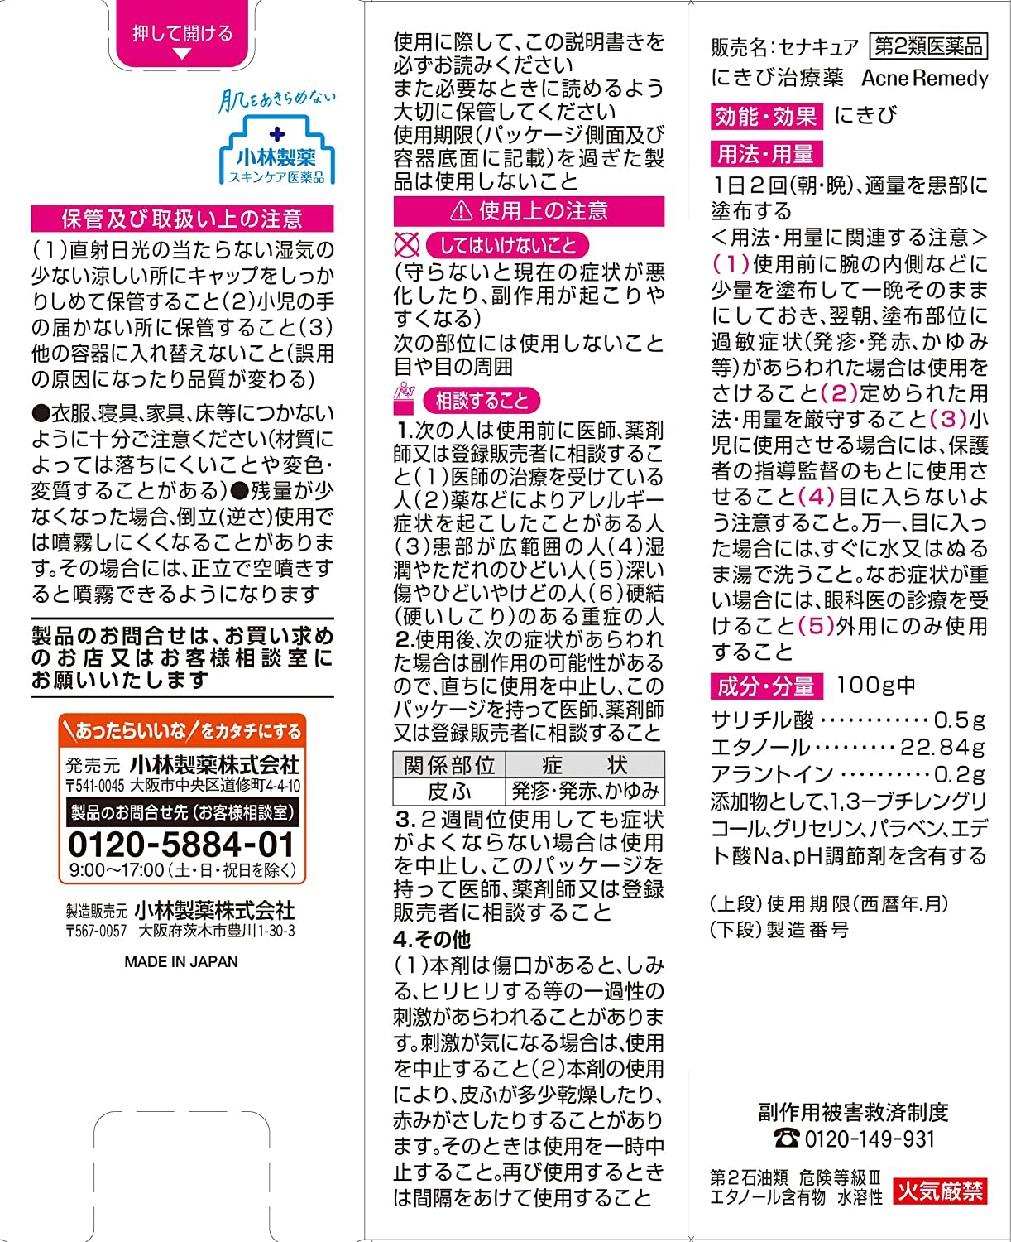 小林製薬(コバヤシセイヤク) セナキュア(医薬品)の商品画像7